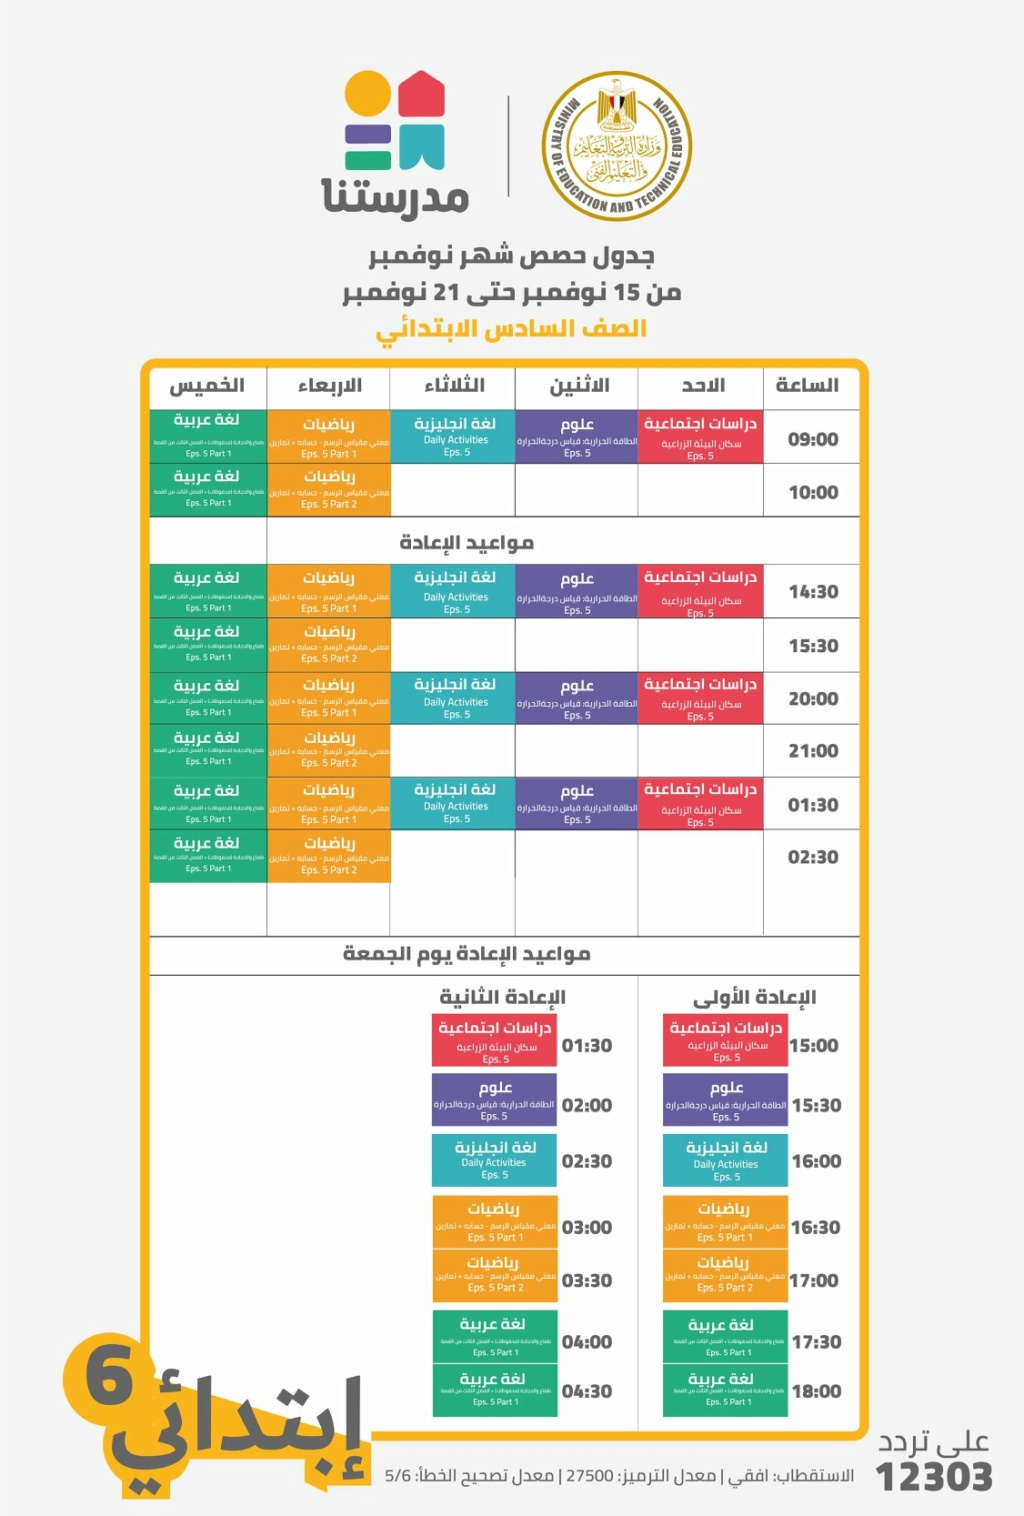 قناة مدرستنا l جدول حصص الأسبوع الخامس من الأحد 15 نوفمبر حتى السبت 21 نوفمبر 31323